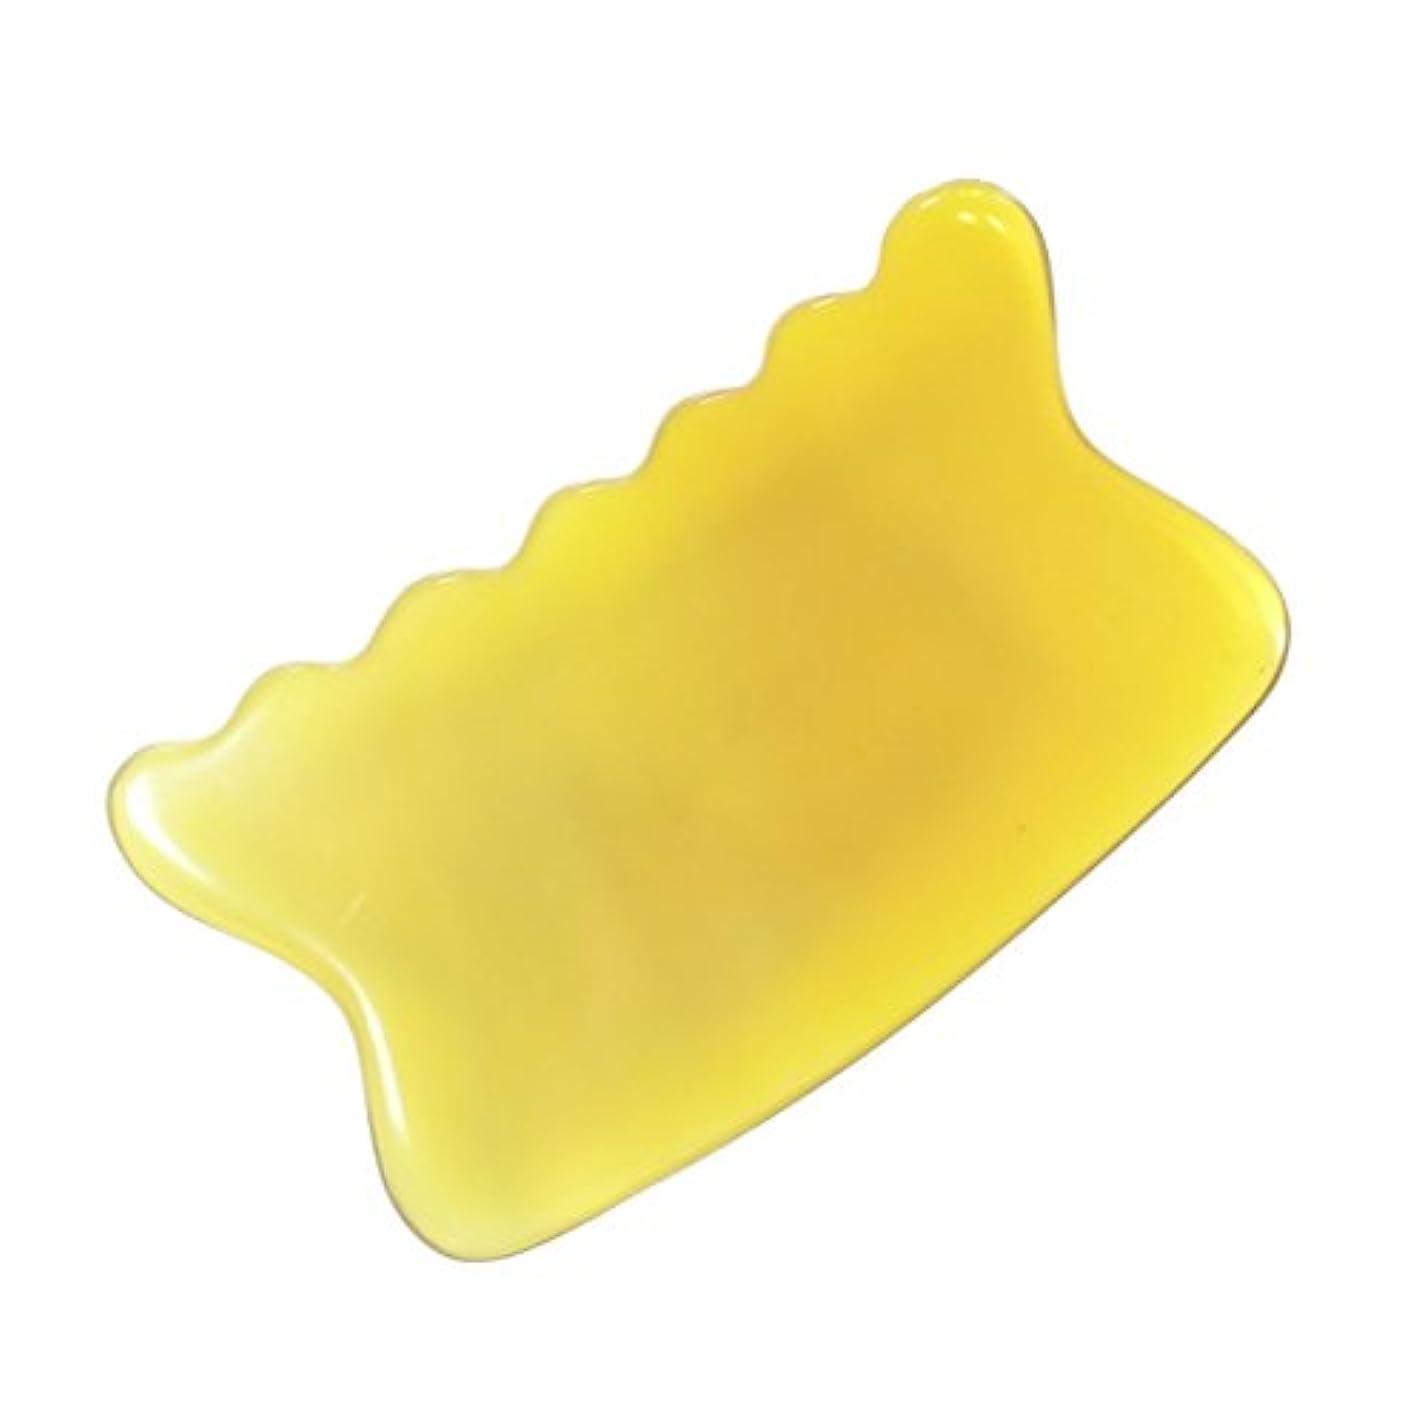 ほんのバラバラにする異常かっさ プレート 希少55 黄水牛角 極美品 曲波型